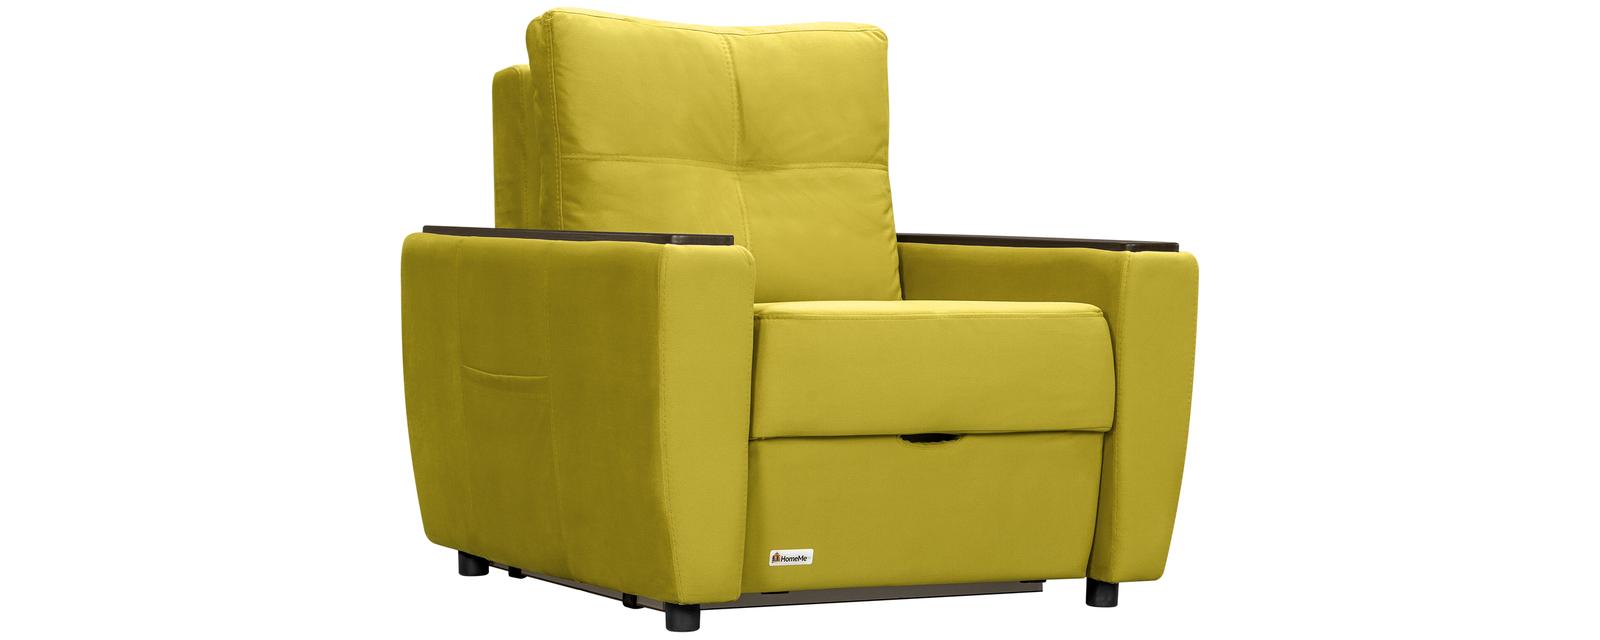 Кресло тканевое Майами Velure оливковый (Ткань)